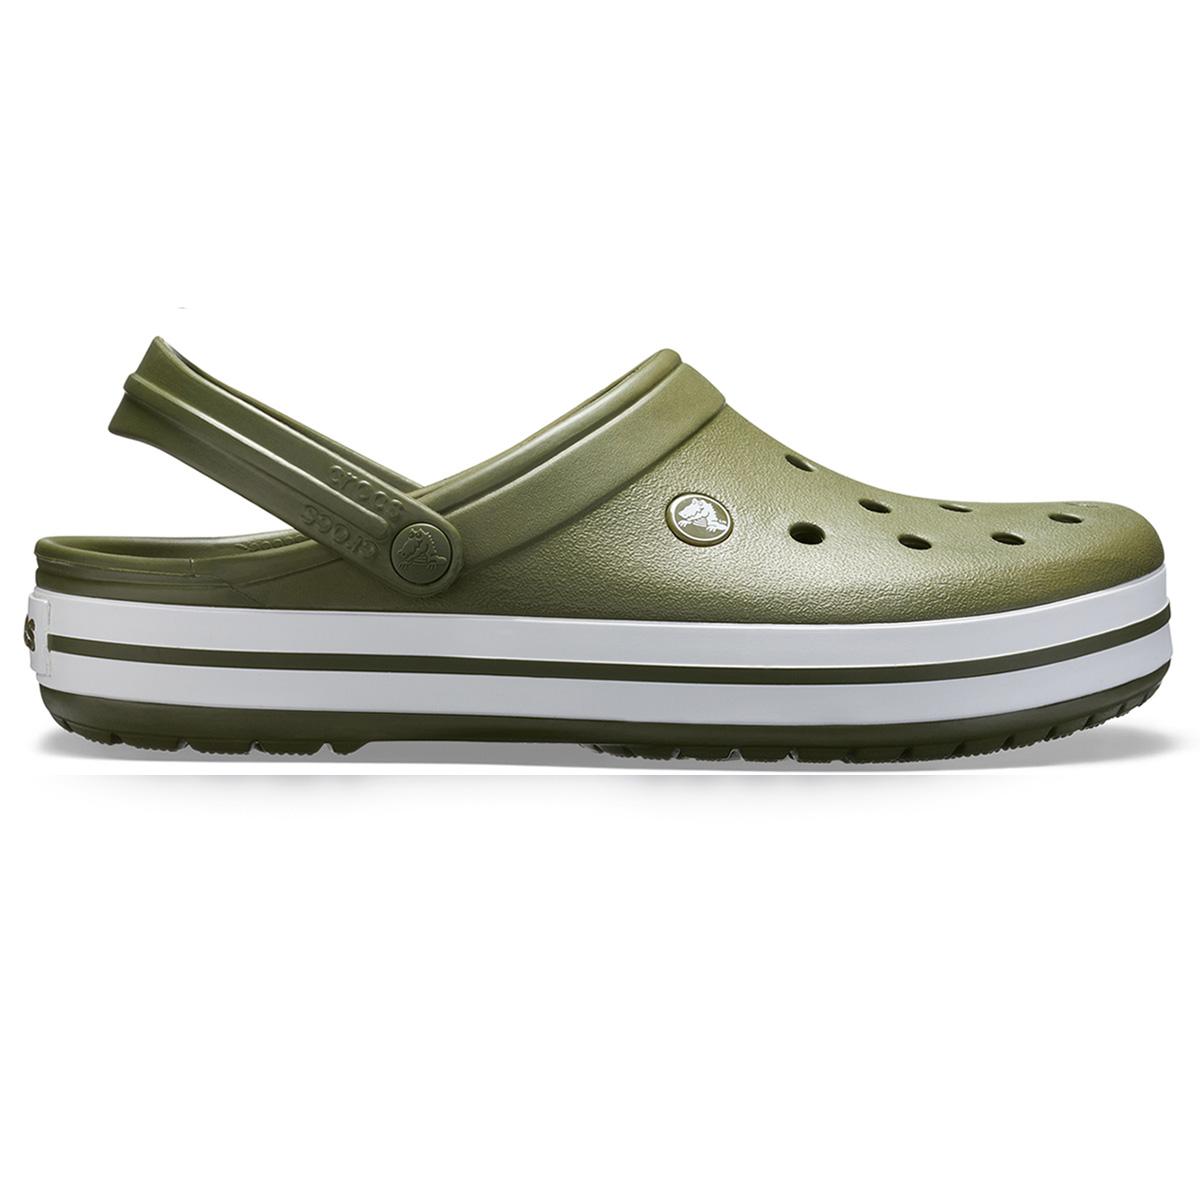 Crocs Crocband - Askeri yeşil/Beyaz